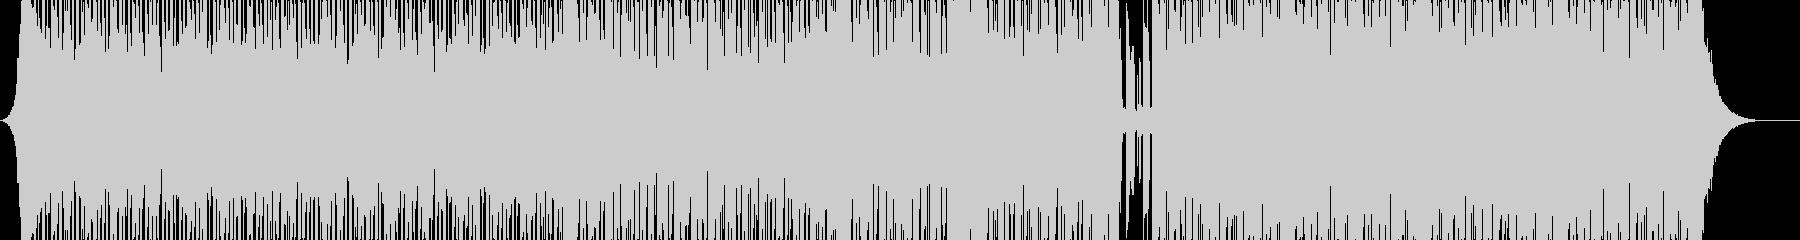 【ハウス】軽快でノリノリなハウスの未再生の波形